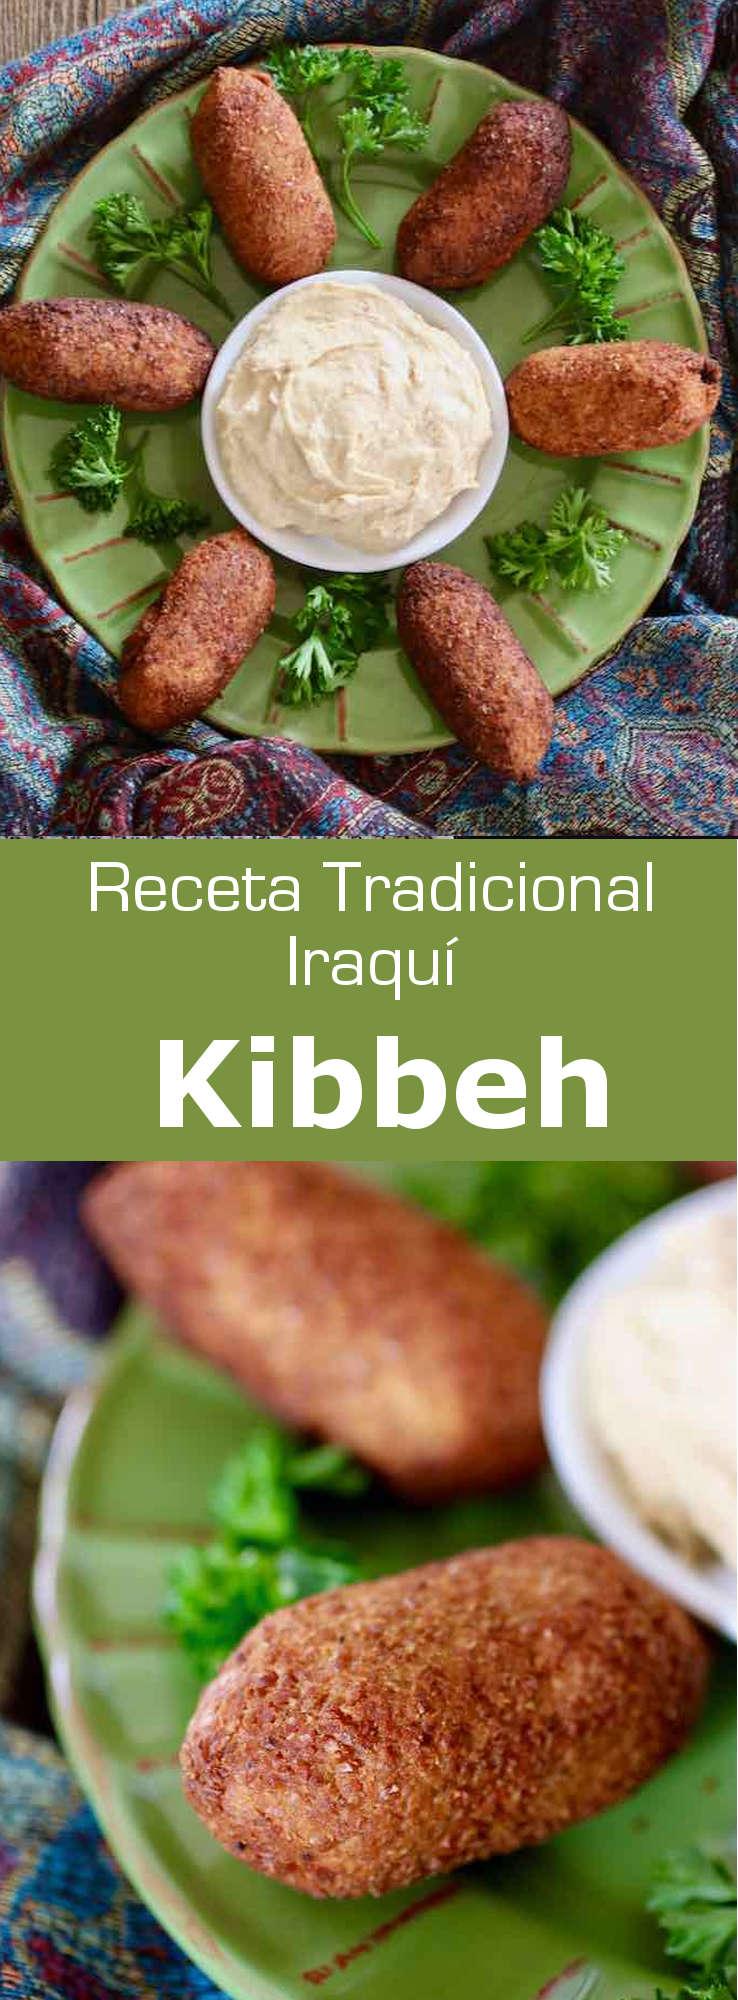 El kibbeh es una albondiga en forma de torpedo que se prepara con carne molida de cordero o ternera, envuelta en bulgur o arroz, y luego, se fríe.